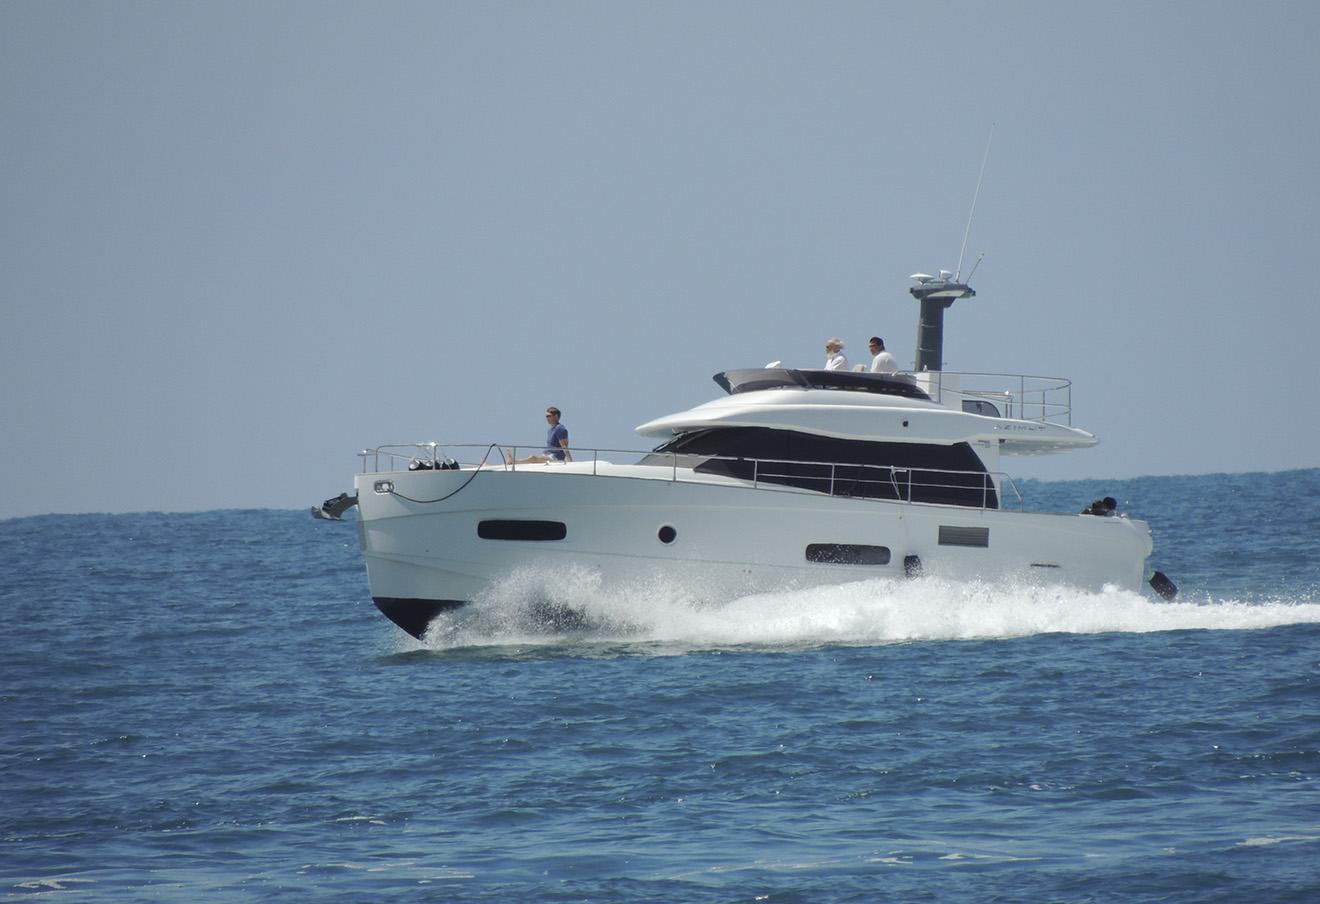 Пожилой человек, похожий на патриарха, управляет яхтой Azimut